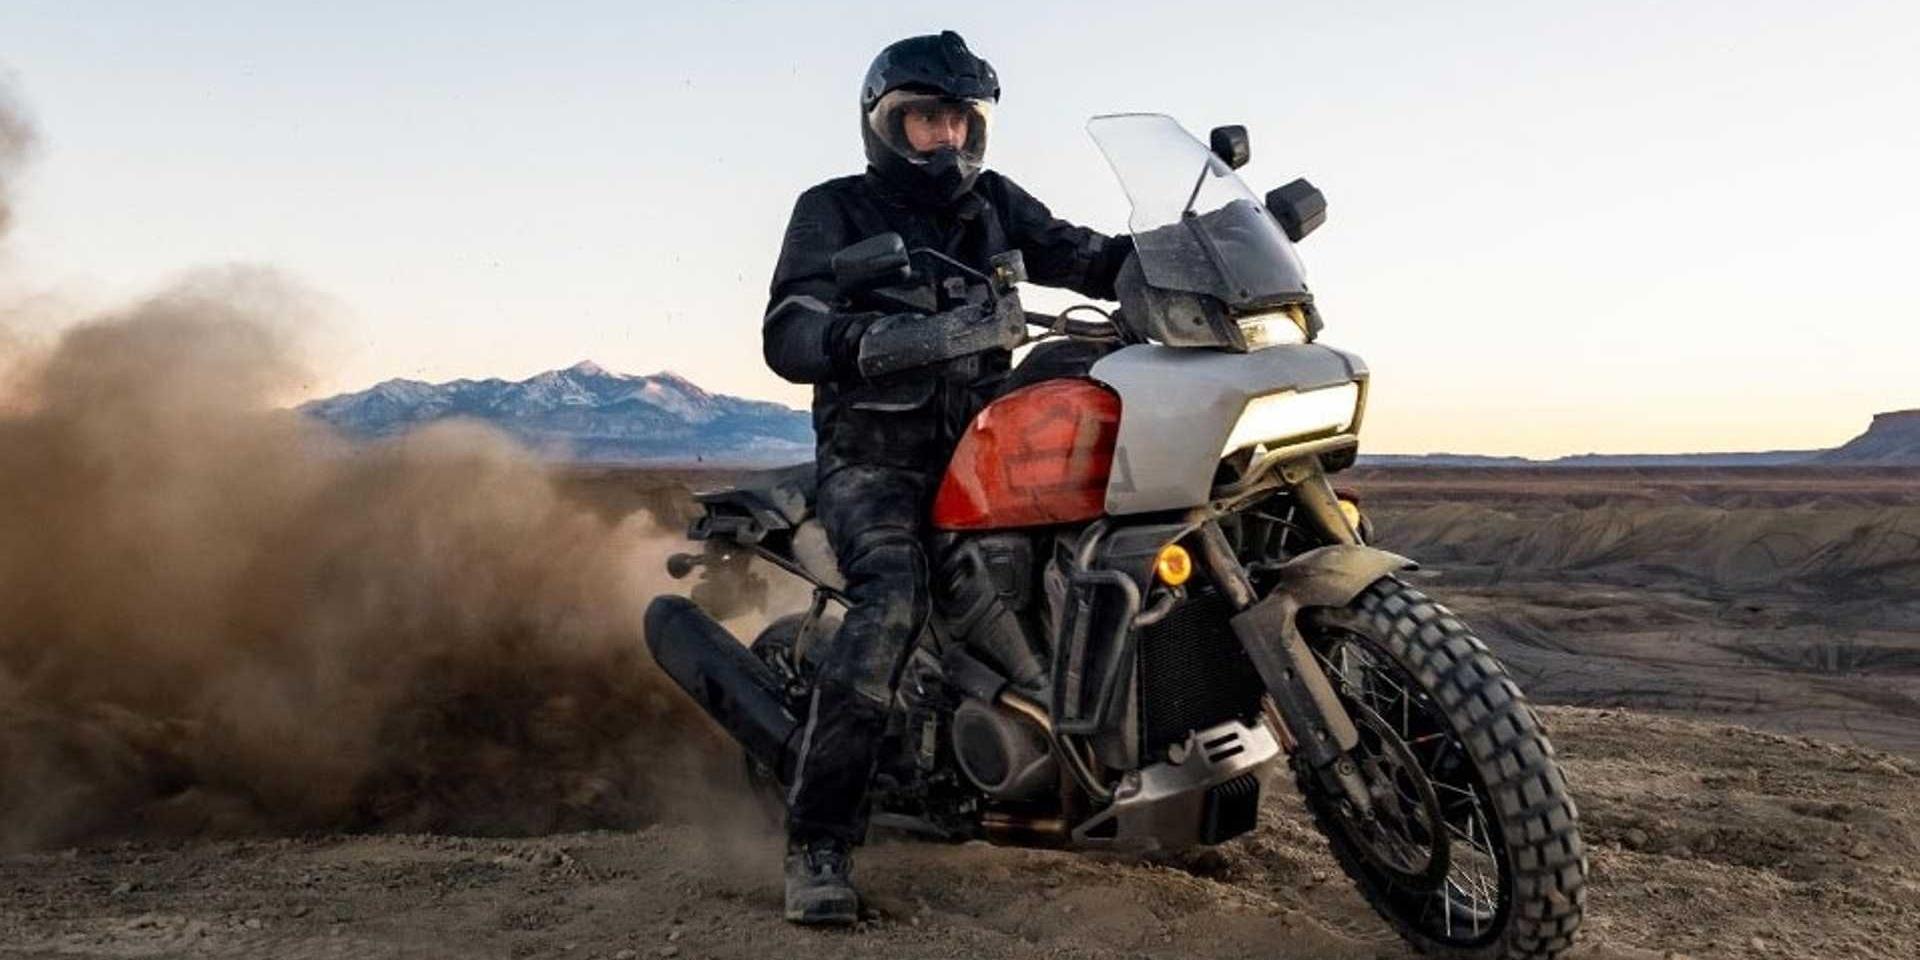 陷入貿易戰風暴 Harley-Davidson在歐洲將被課56%關稅